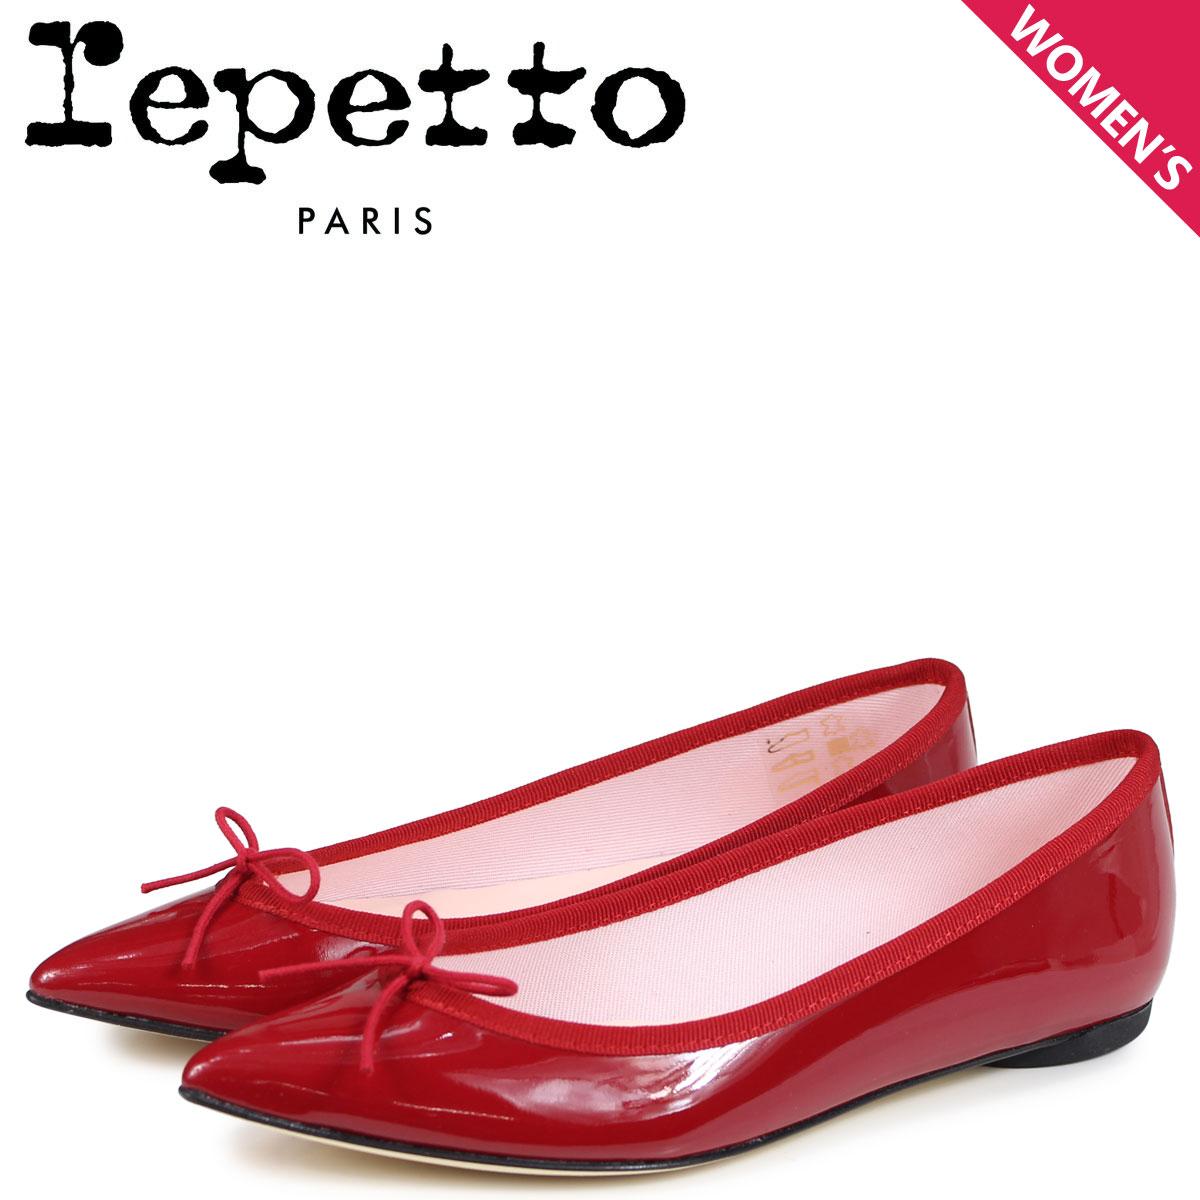 Repetto レペット バレエシューズ ブリジット パンプス レディース BRIGITTE BALLERINA レッド 赤 V1556-550